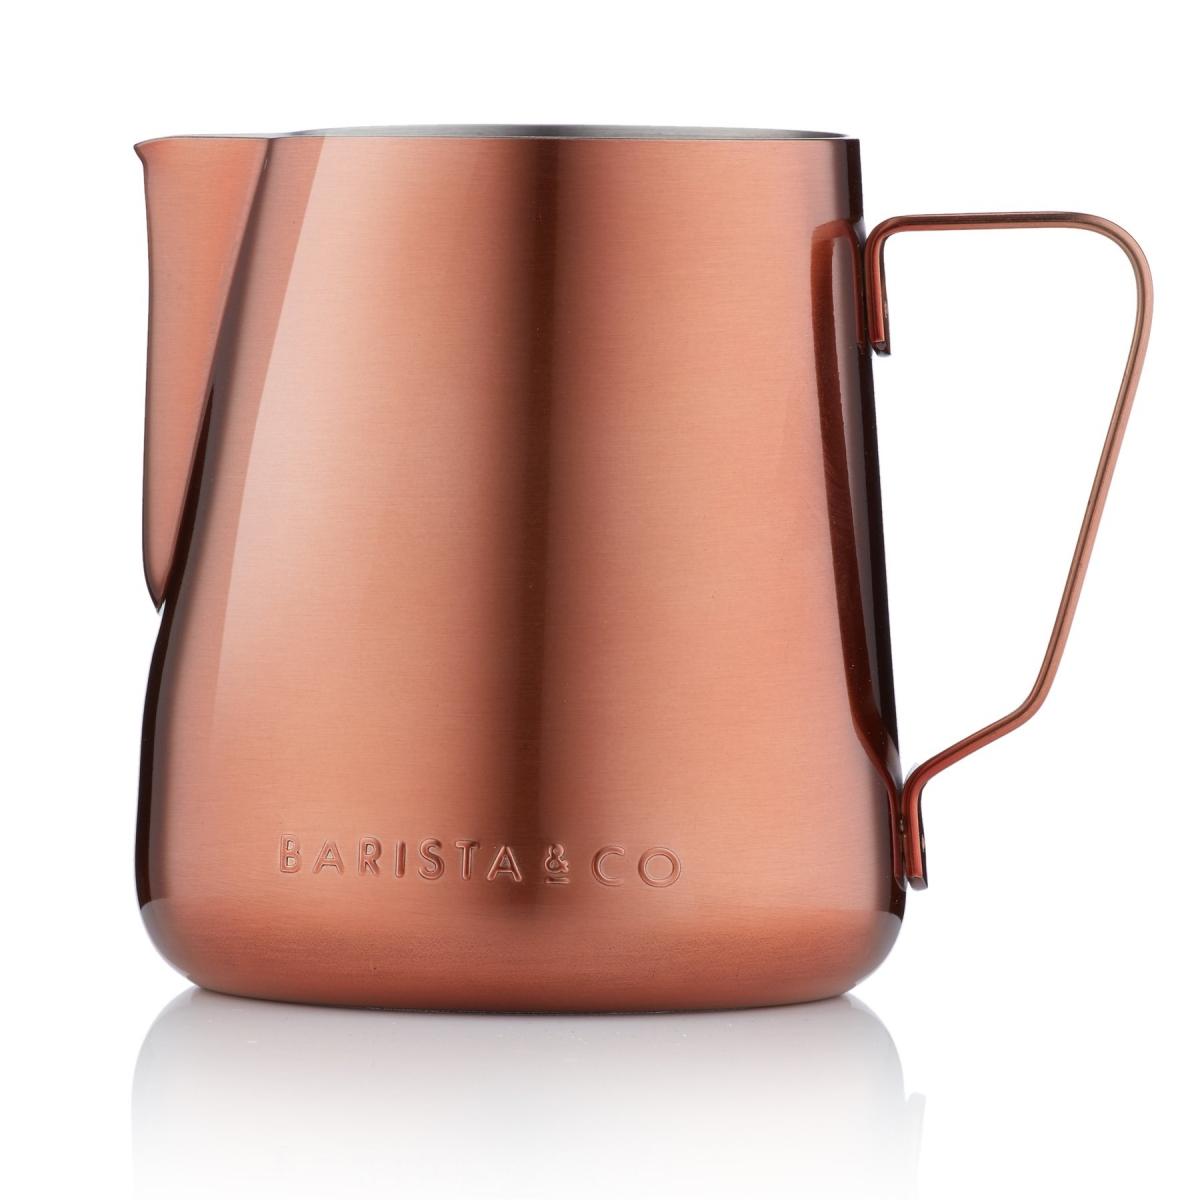 Barista & Co konvička na mléko, 420 ml - Copper